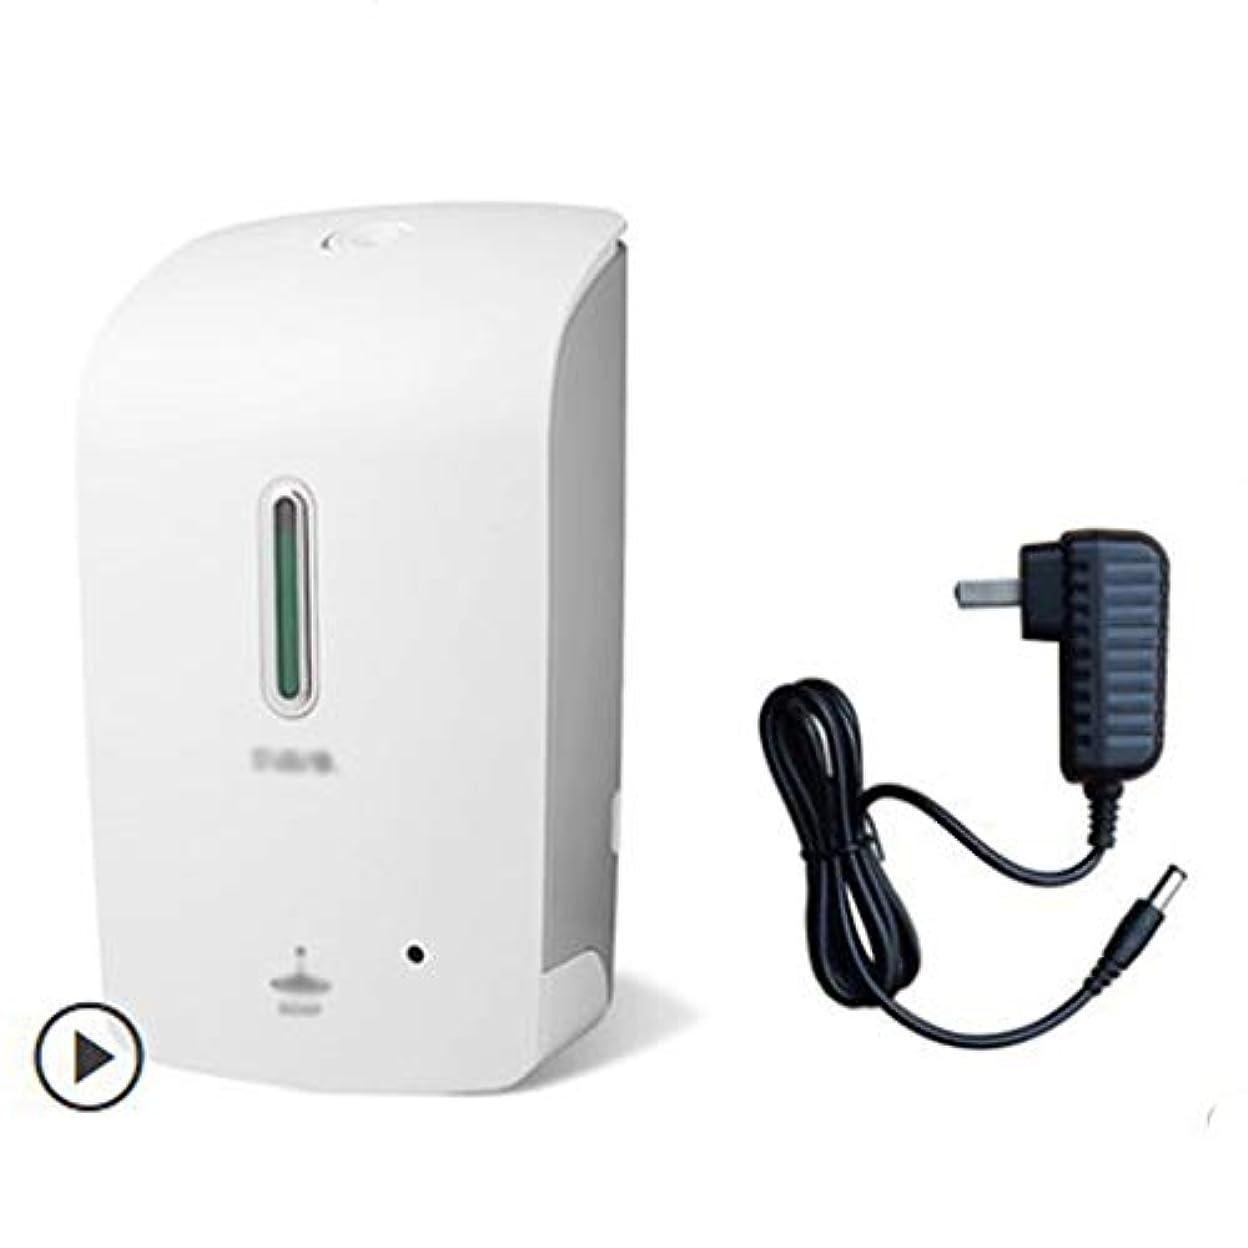 北東大脳パンダソープディスペンサー ソープディスペンサーを充電1000mlの容量自動センシングソープディスペンサー非接触 ハンドソープ 食器用洗剤 キッチン 洗面所などに適用 (Color : White, Size : One size)